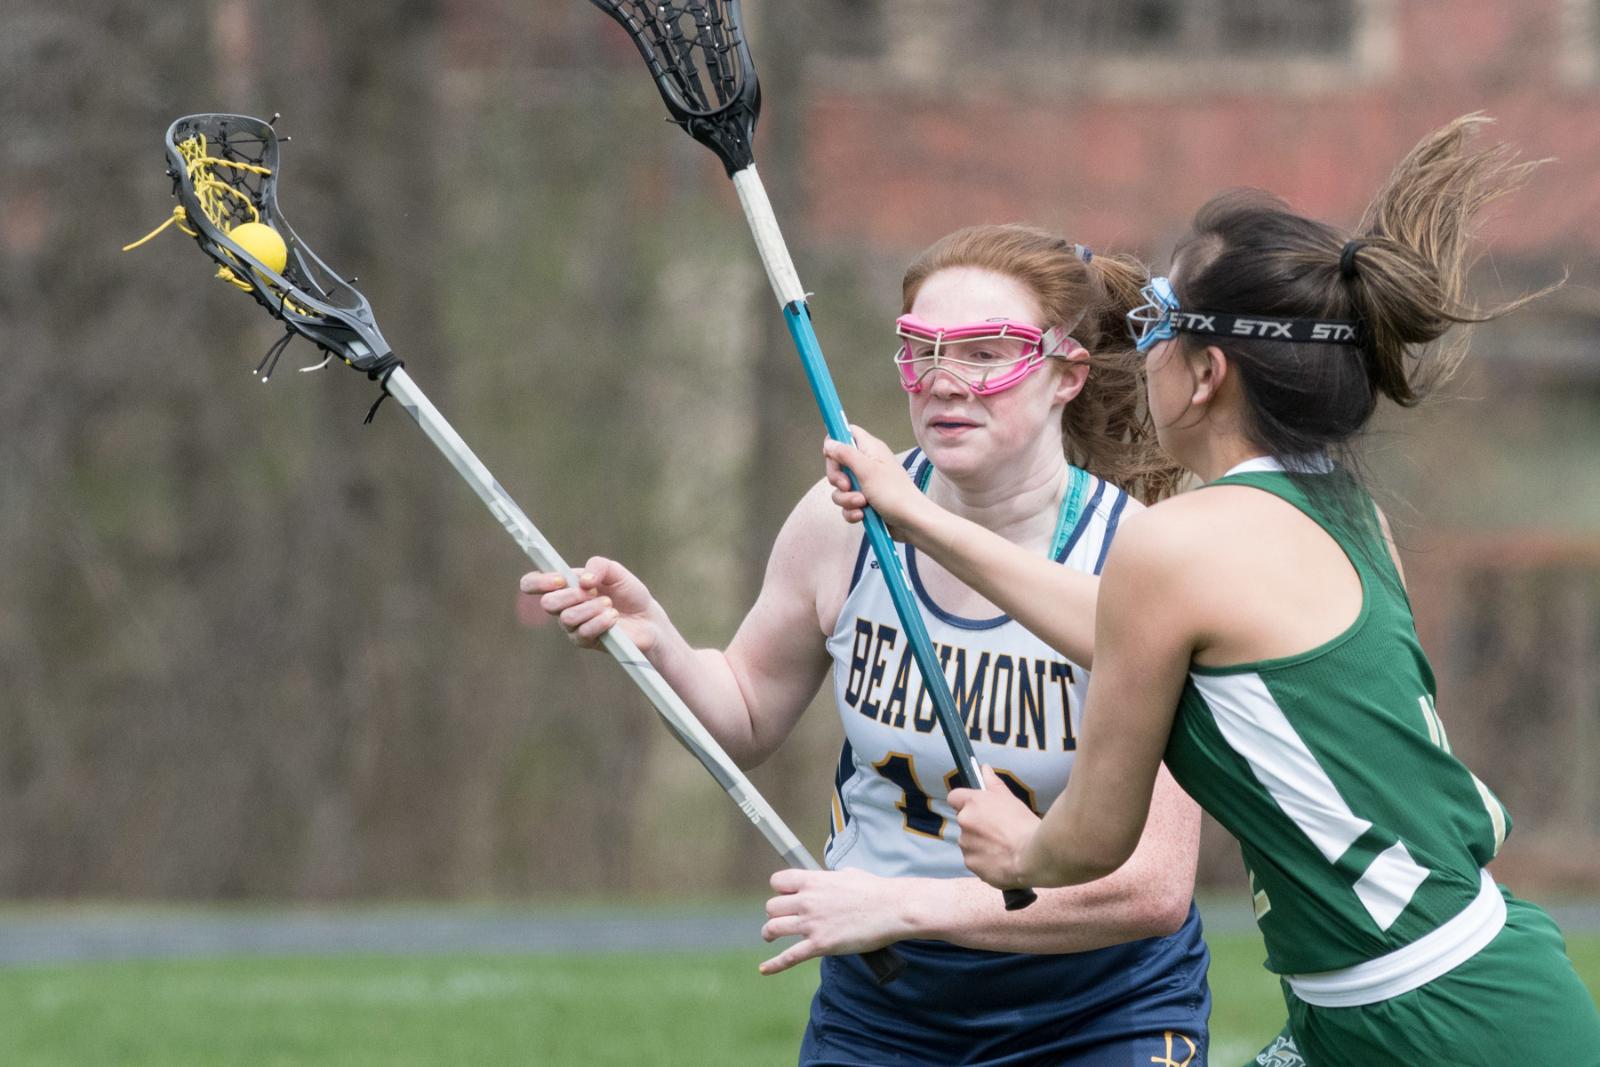 Katie Bagley '20 Named to U.S. Lacrosse All-Academic Team